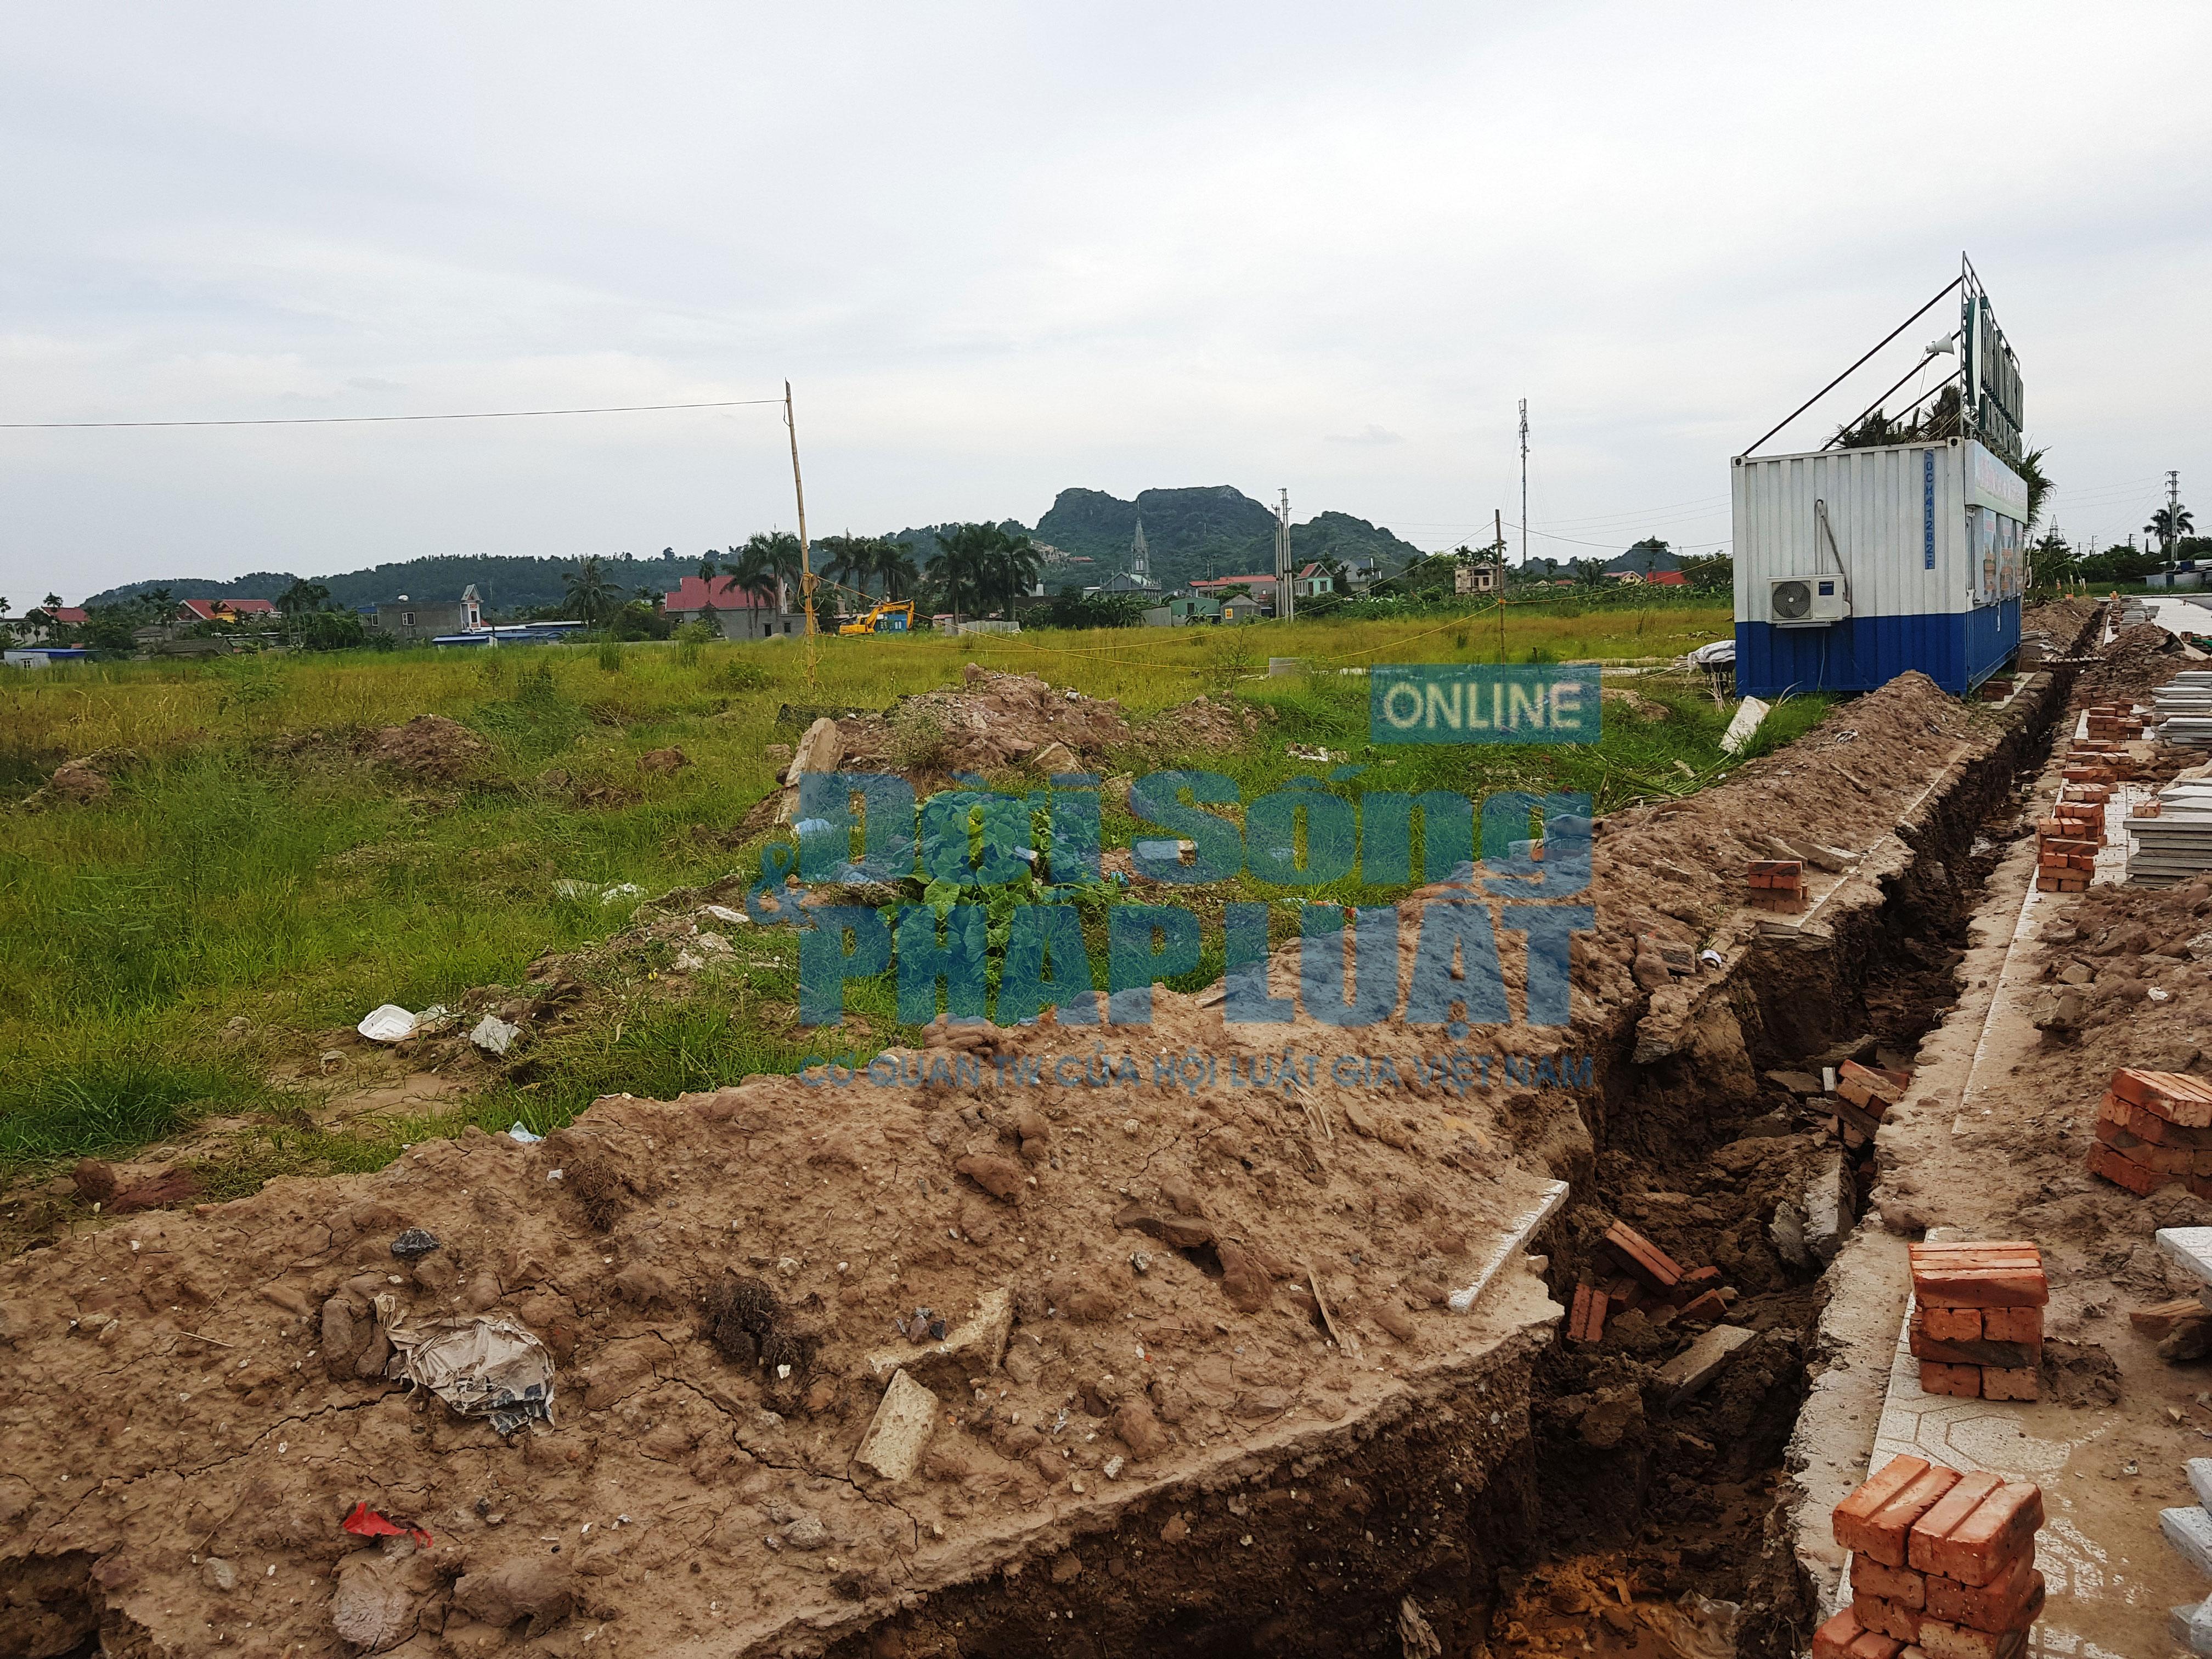 Cận cảnh Khu đô thị Tràng Duệ – Seoul Eco Homes mở bán trái quy định - Ảnh 5